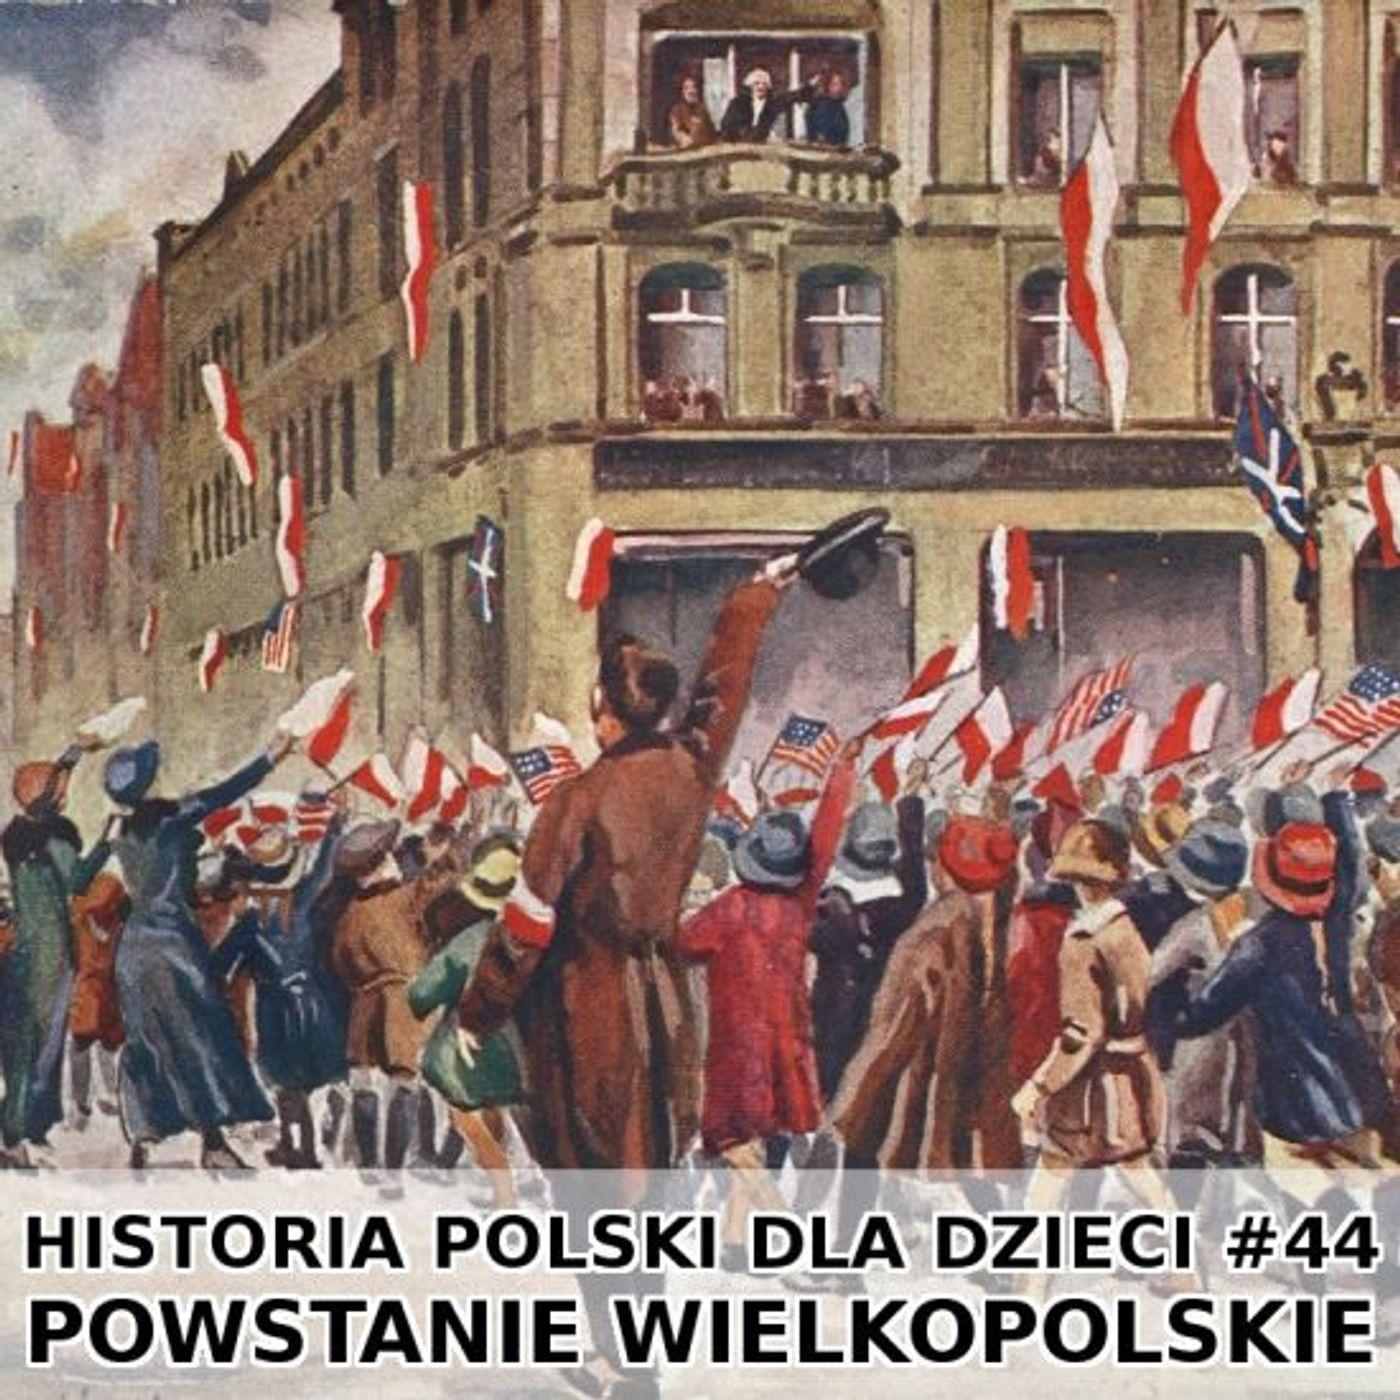 44 - Powstanie wielkopolskie